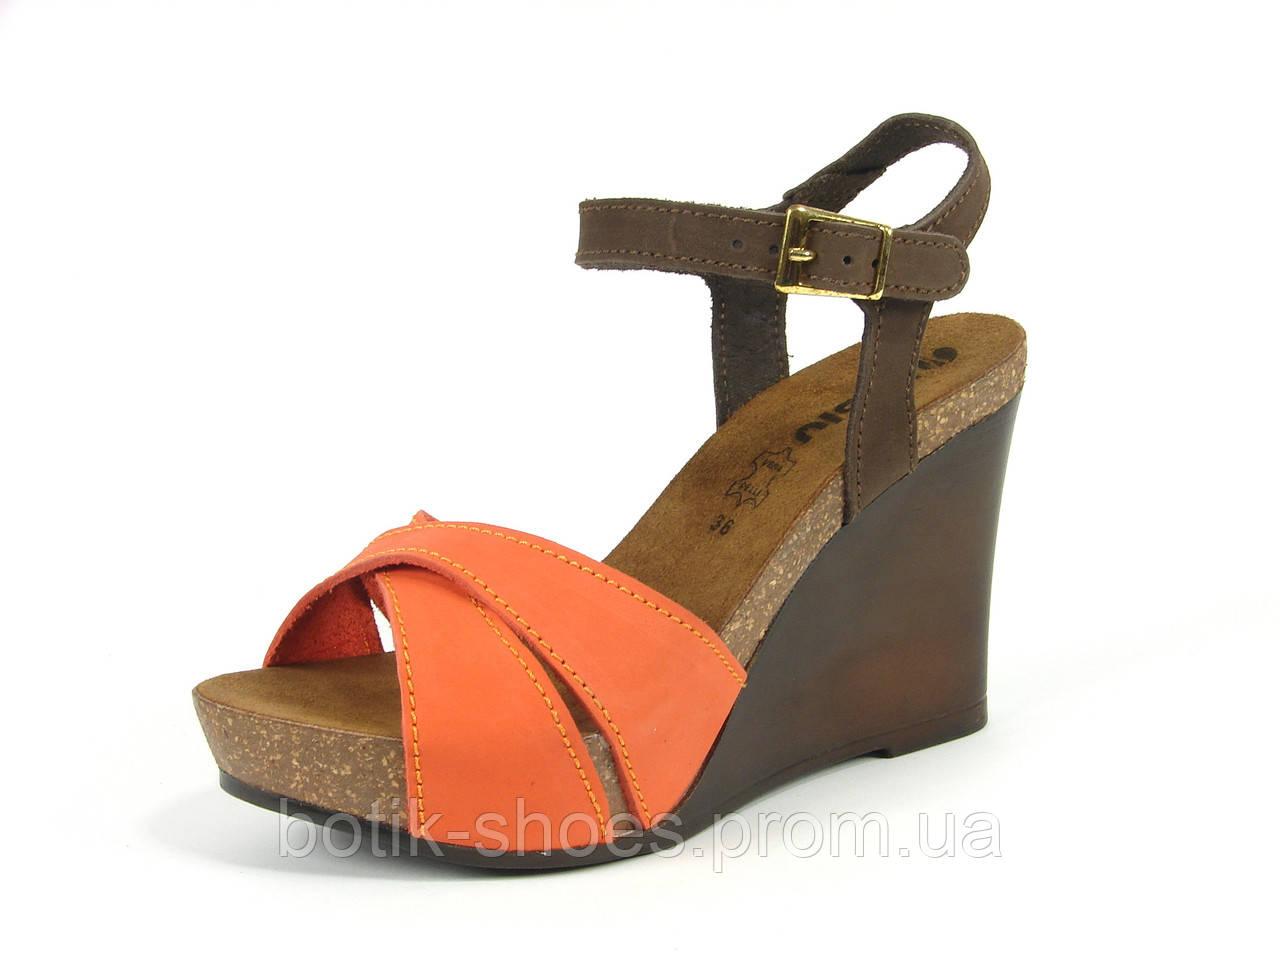 Женские кожаные модные оранжевые босоножки на танкетке Inblu -  интернет-магазин обуви